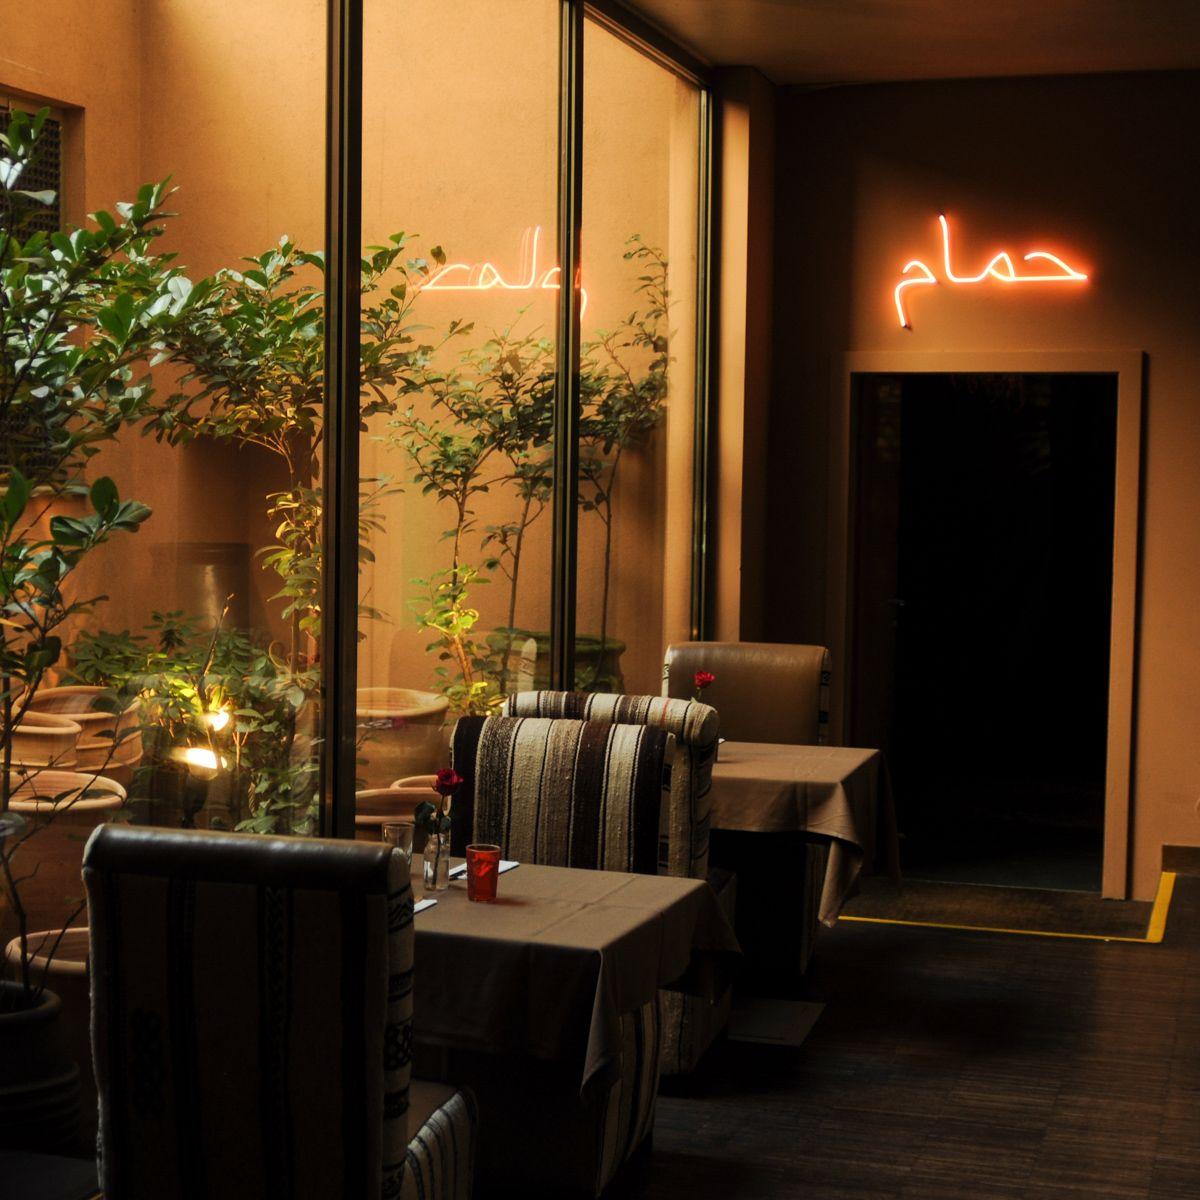 Aux Gazelles Marokkanische Alltagsflucht In 2020 Mit Bildern Bezirk Wien Restaurant Essen In Wien